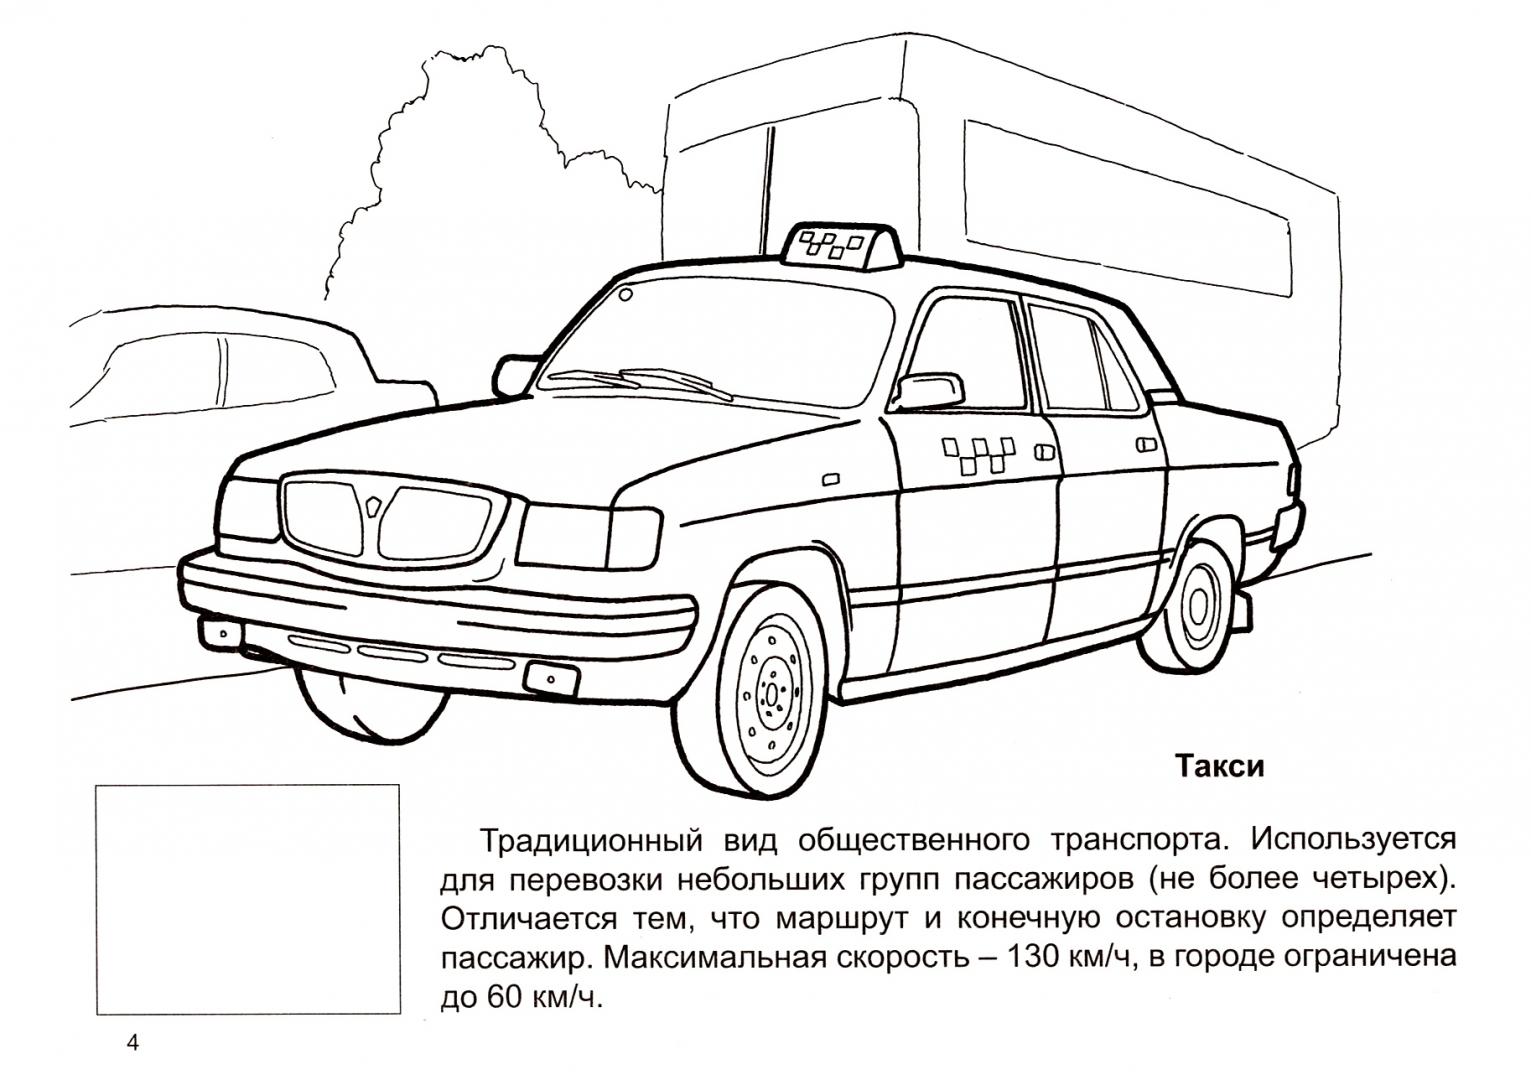 Иллюстрация 1 из 23 для Городская автотехника. Раскраска с наклейками | Лабиринт - книги. Источник: Лабиринт